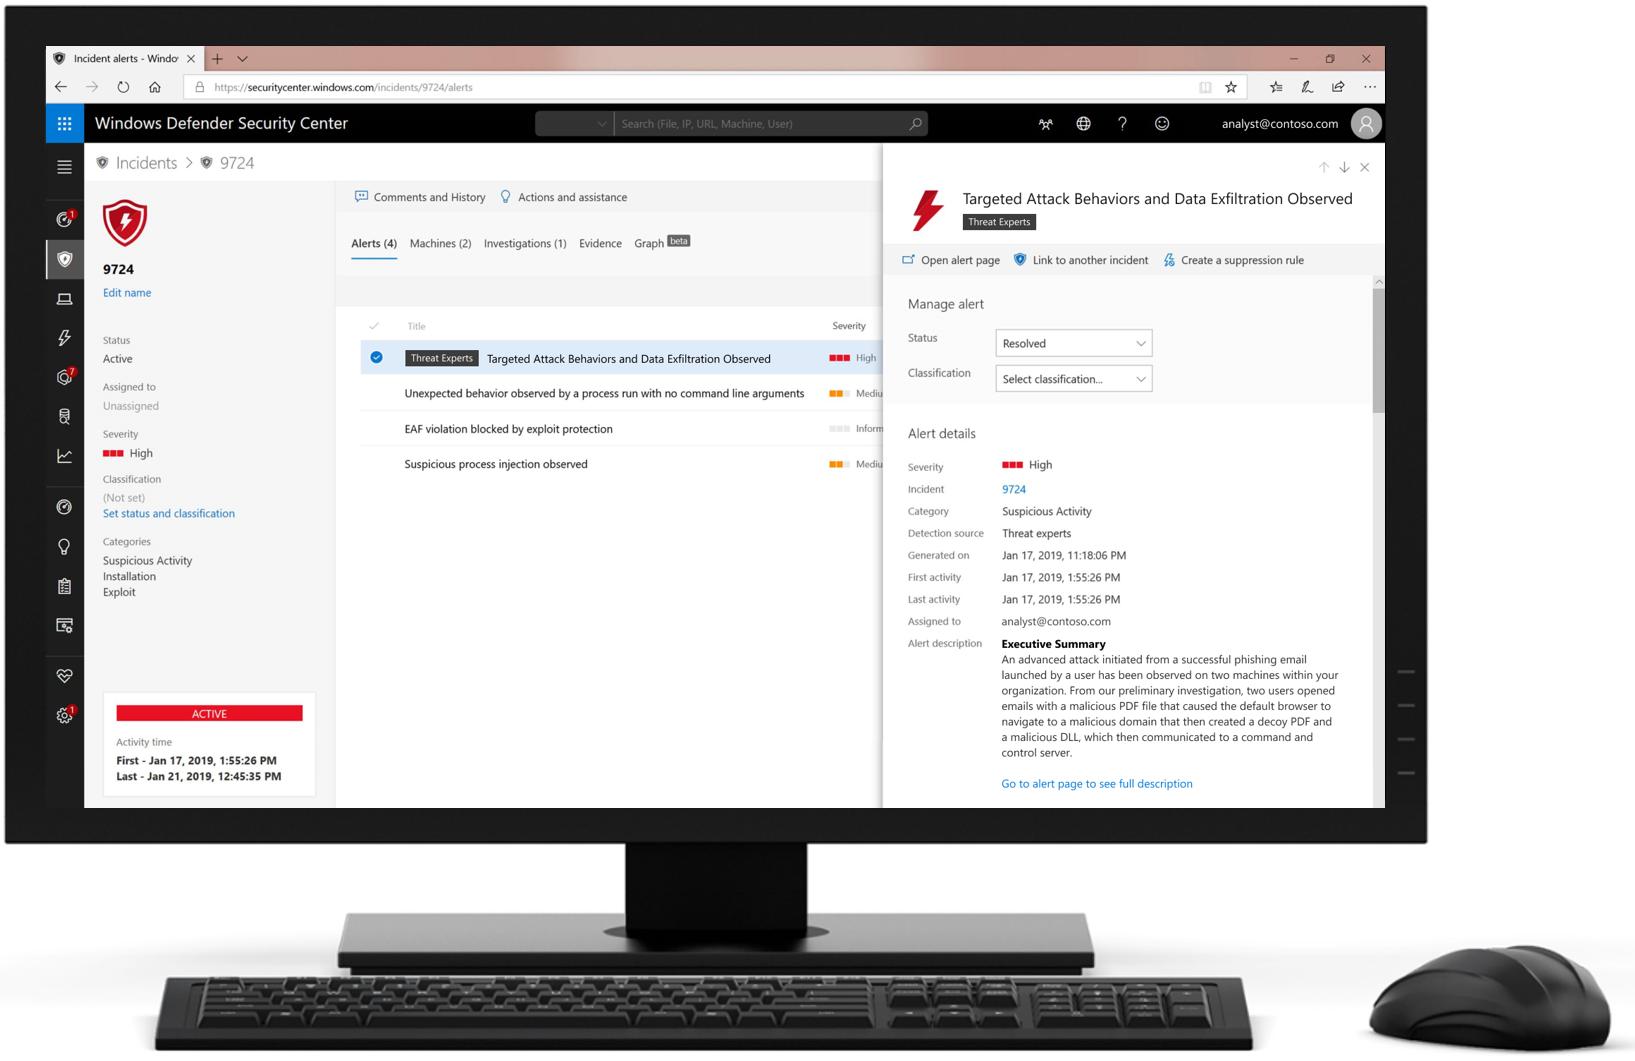 Novità di Microsoft 365 di febbraio: miglioramento della sicurezza e potenziamento di un ambiente di lavoro moderno